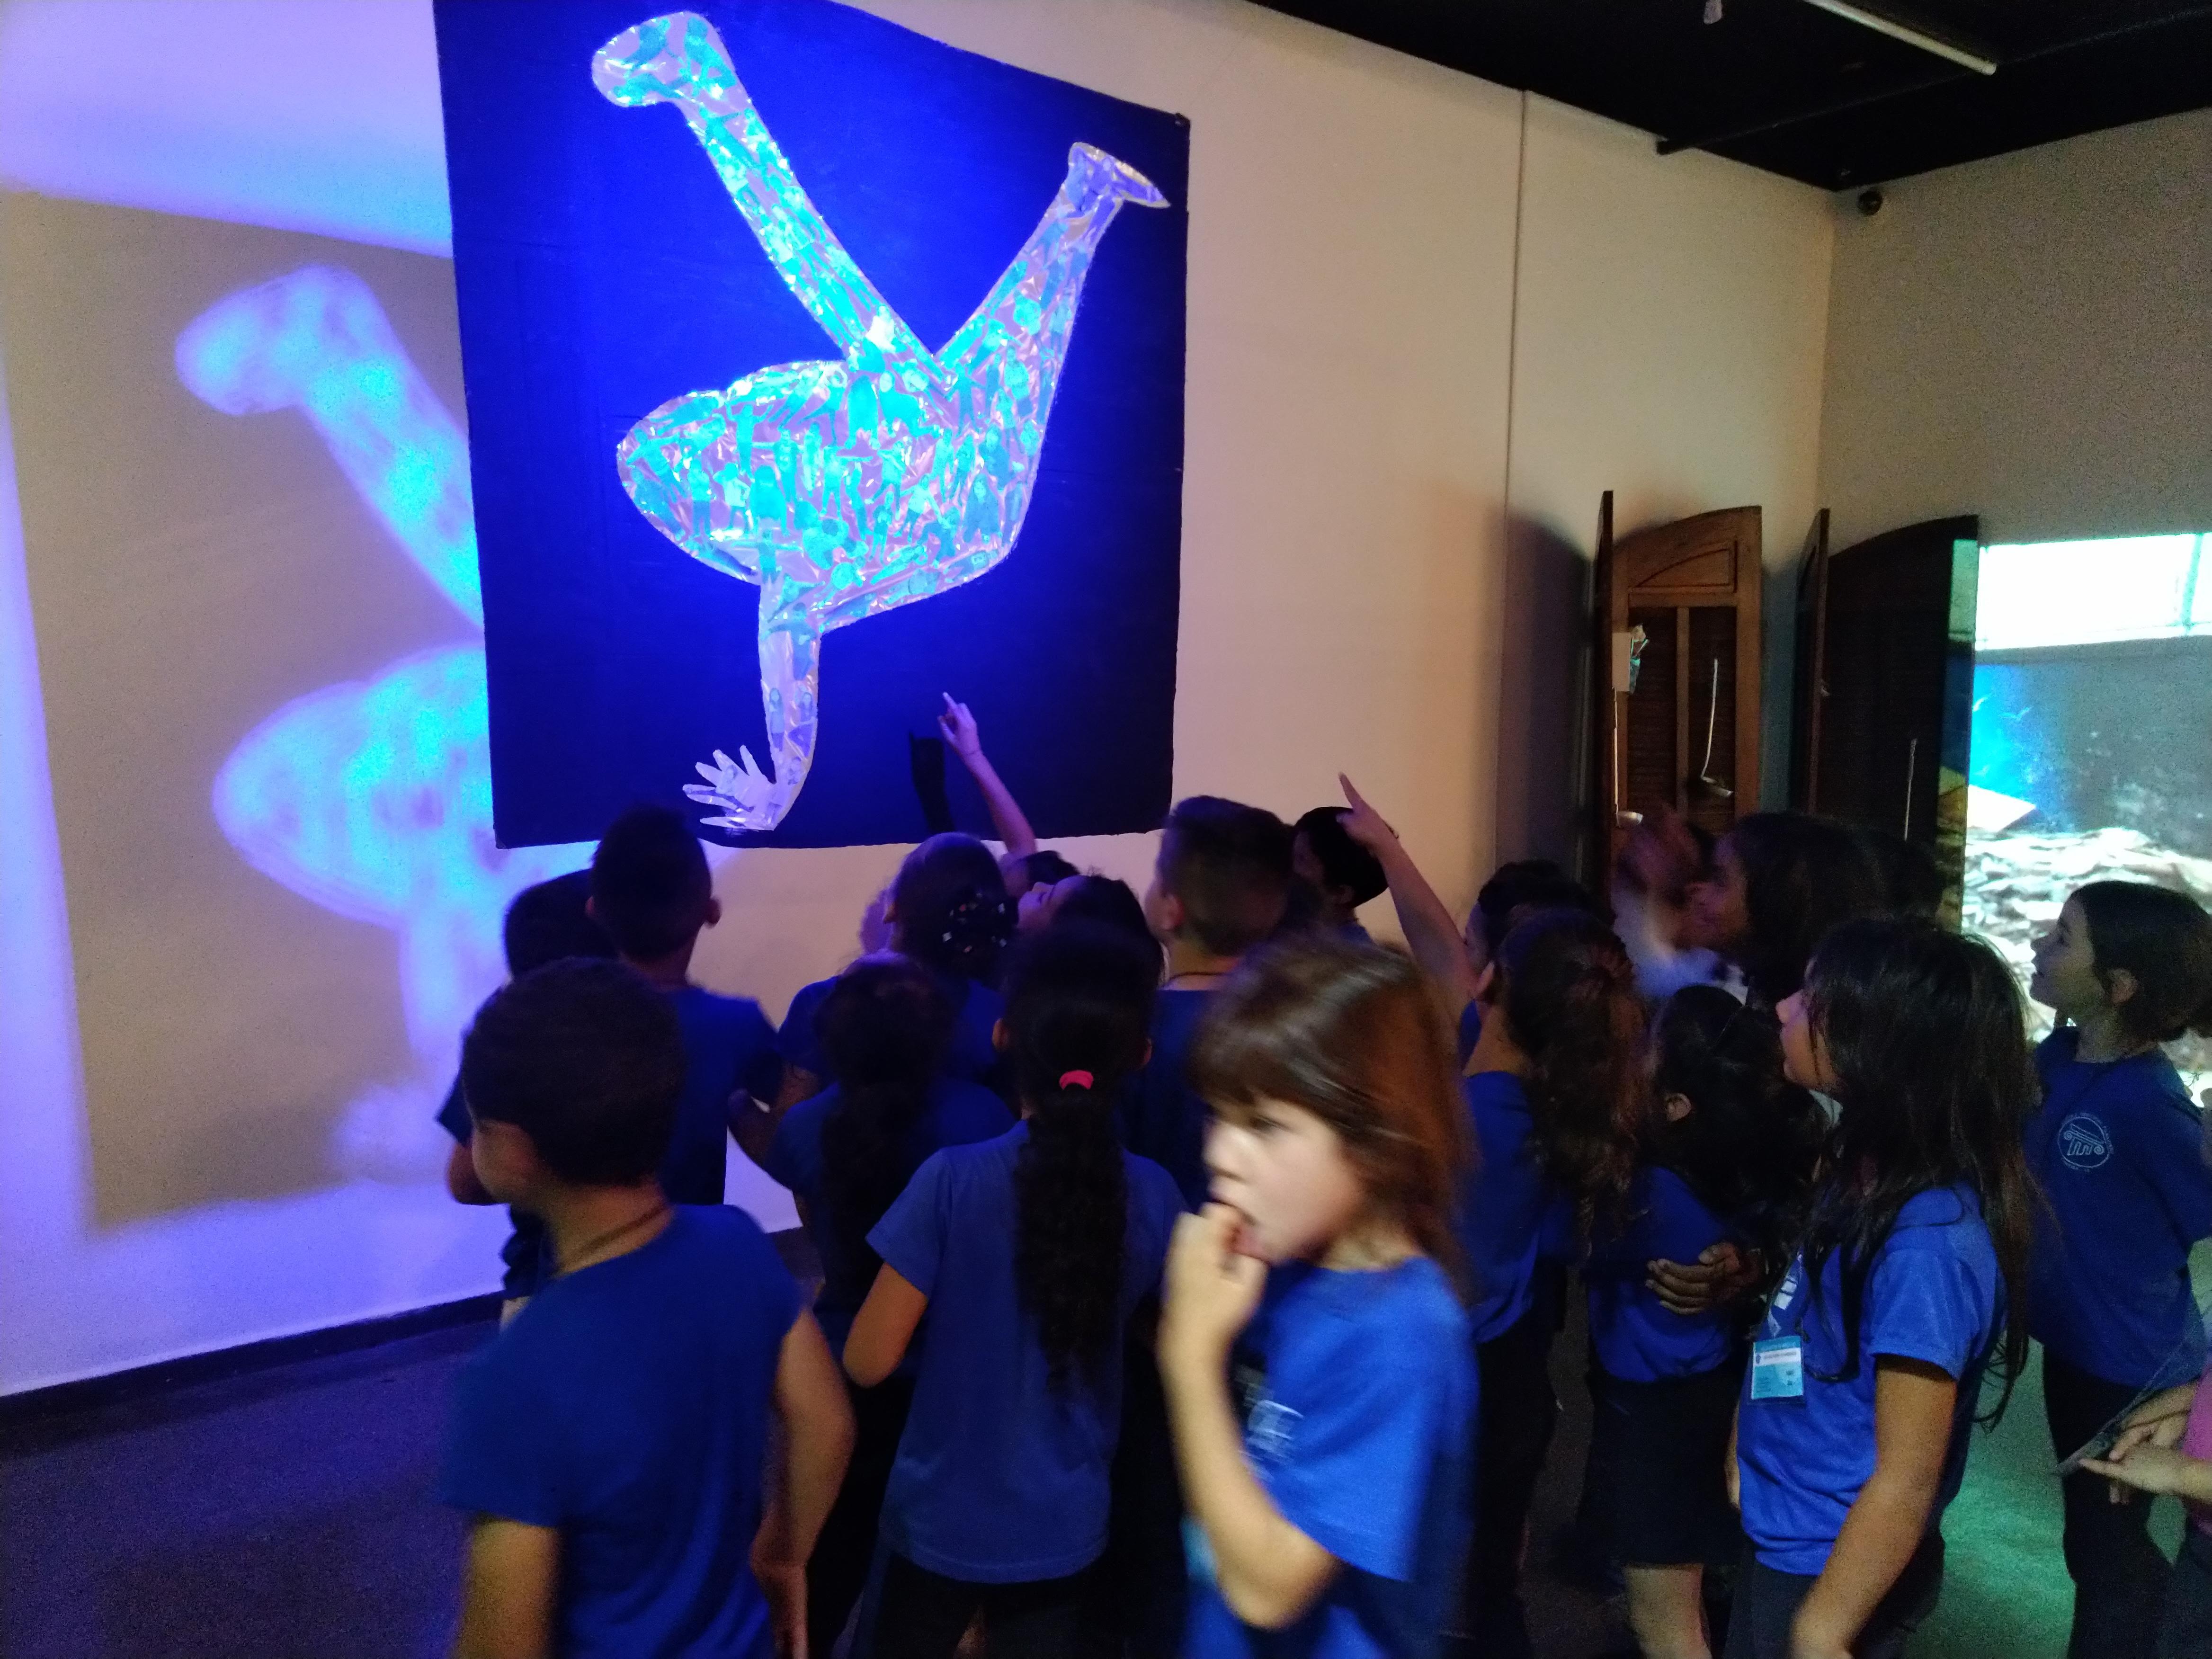 UEI Pilarzinho visita IV Bienal de Arte/Educação